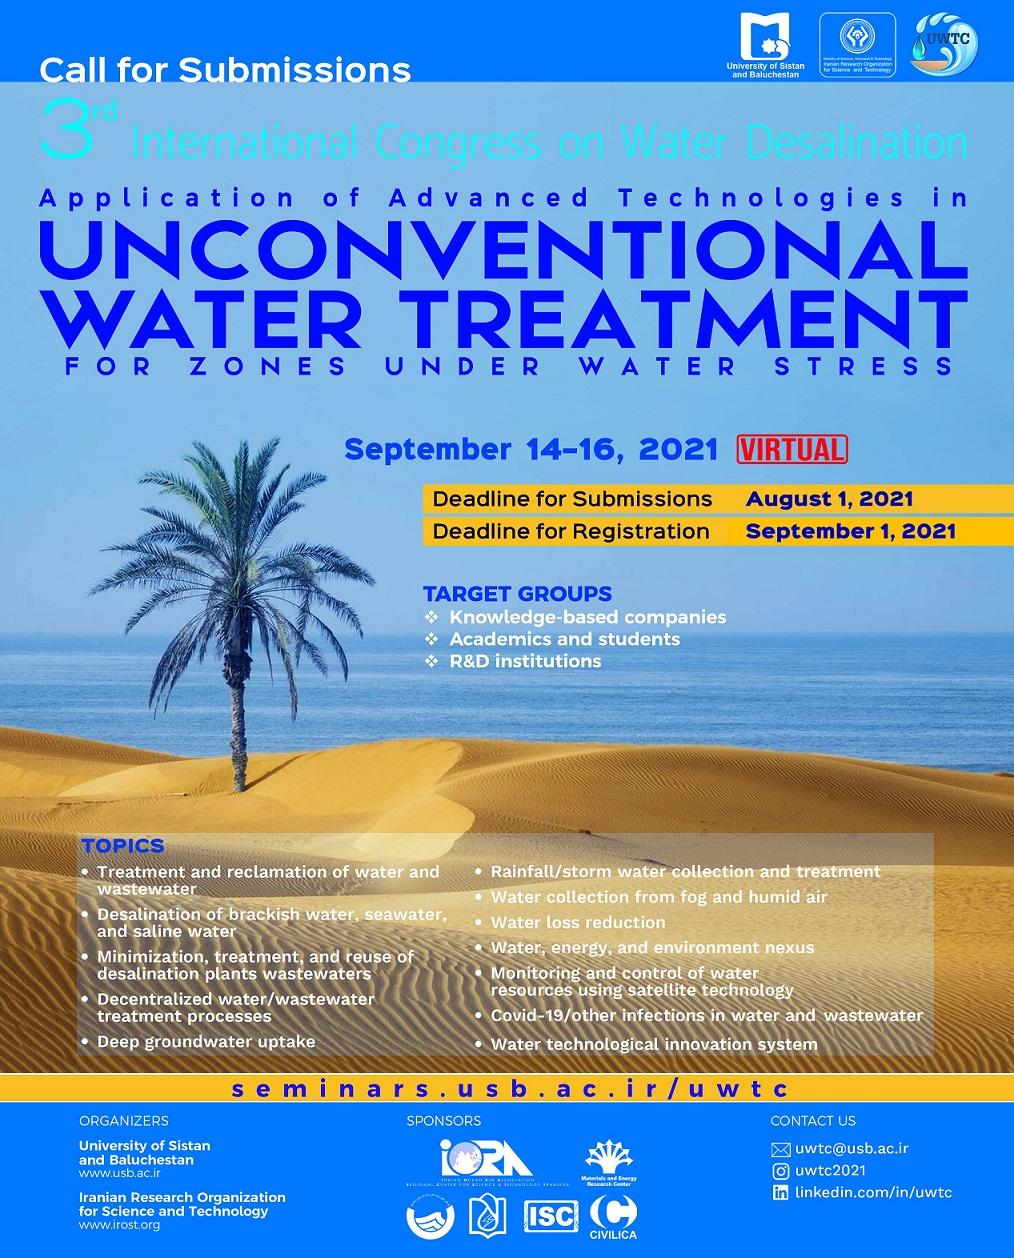 همایش بین المللی کاربرد تکنولوژی های نوین در نمک زدایی از آب شور برای مناطق تحت تنش آبی